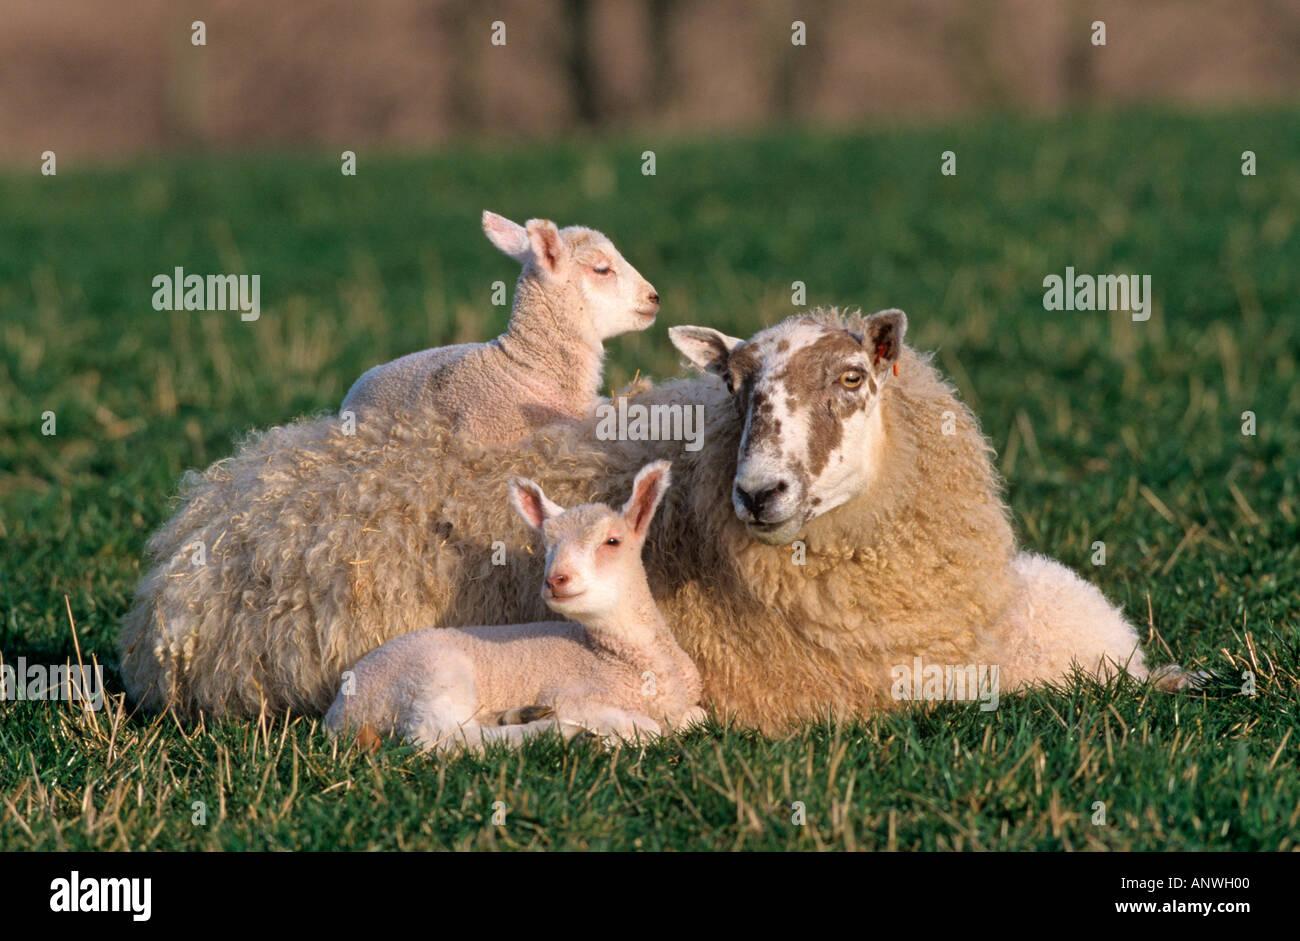 Ewe with Triplet Lambs Stock Photo: 5094655 - Alamy